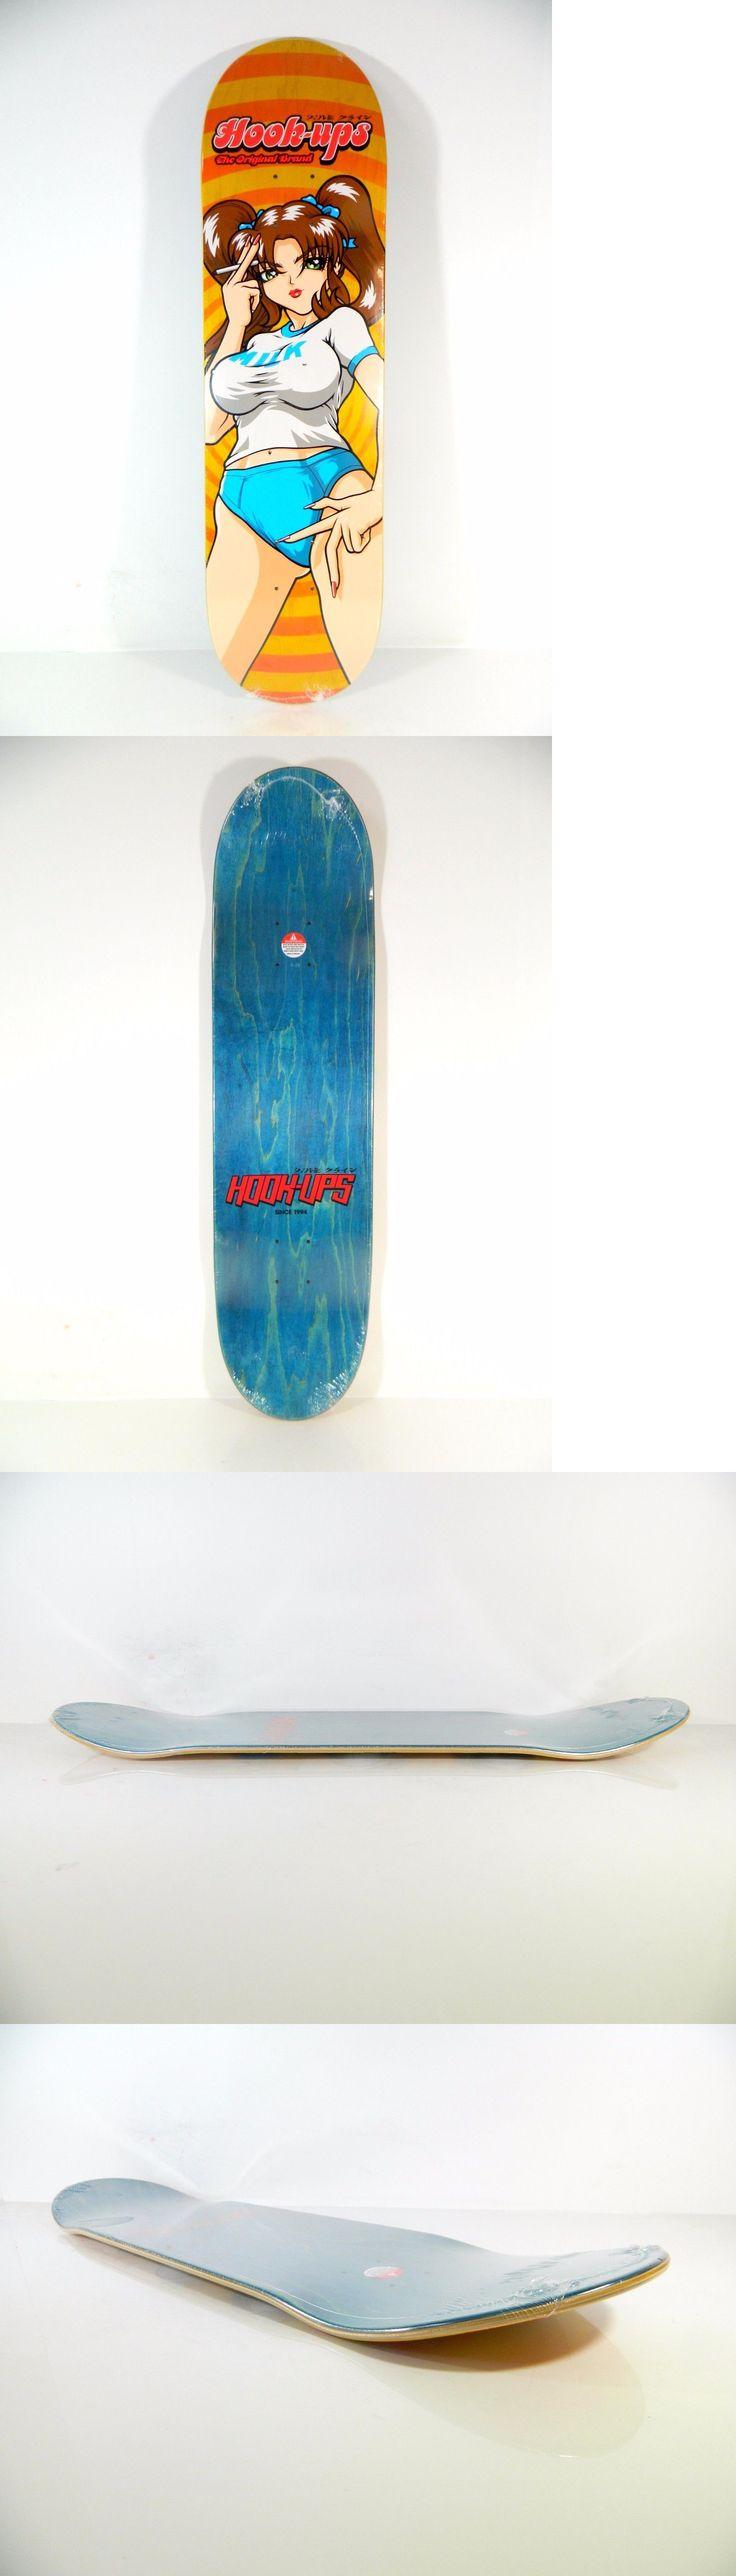 Decks 16263: Hook-Ups Sakura 8.25 X 31.75 Skateboard Deck W Free Grip Tape -> BUY IT NOW ONLY: $53.99 on eBay!